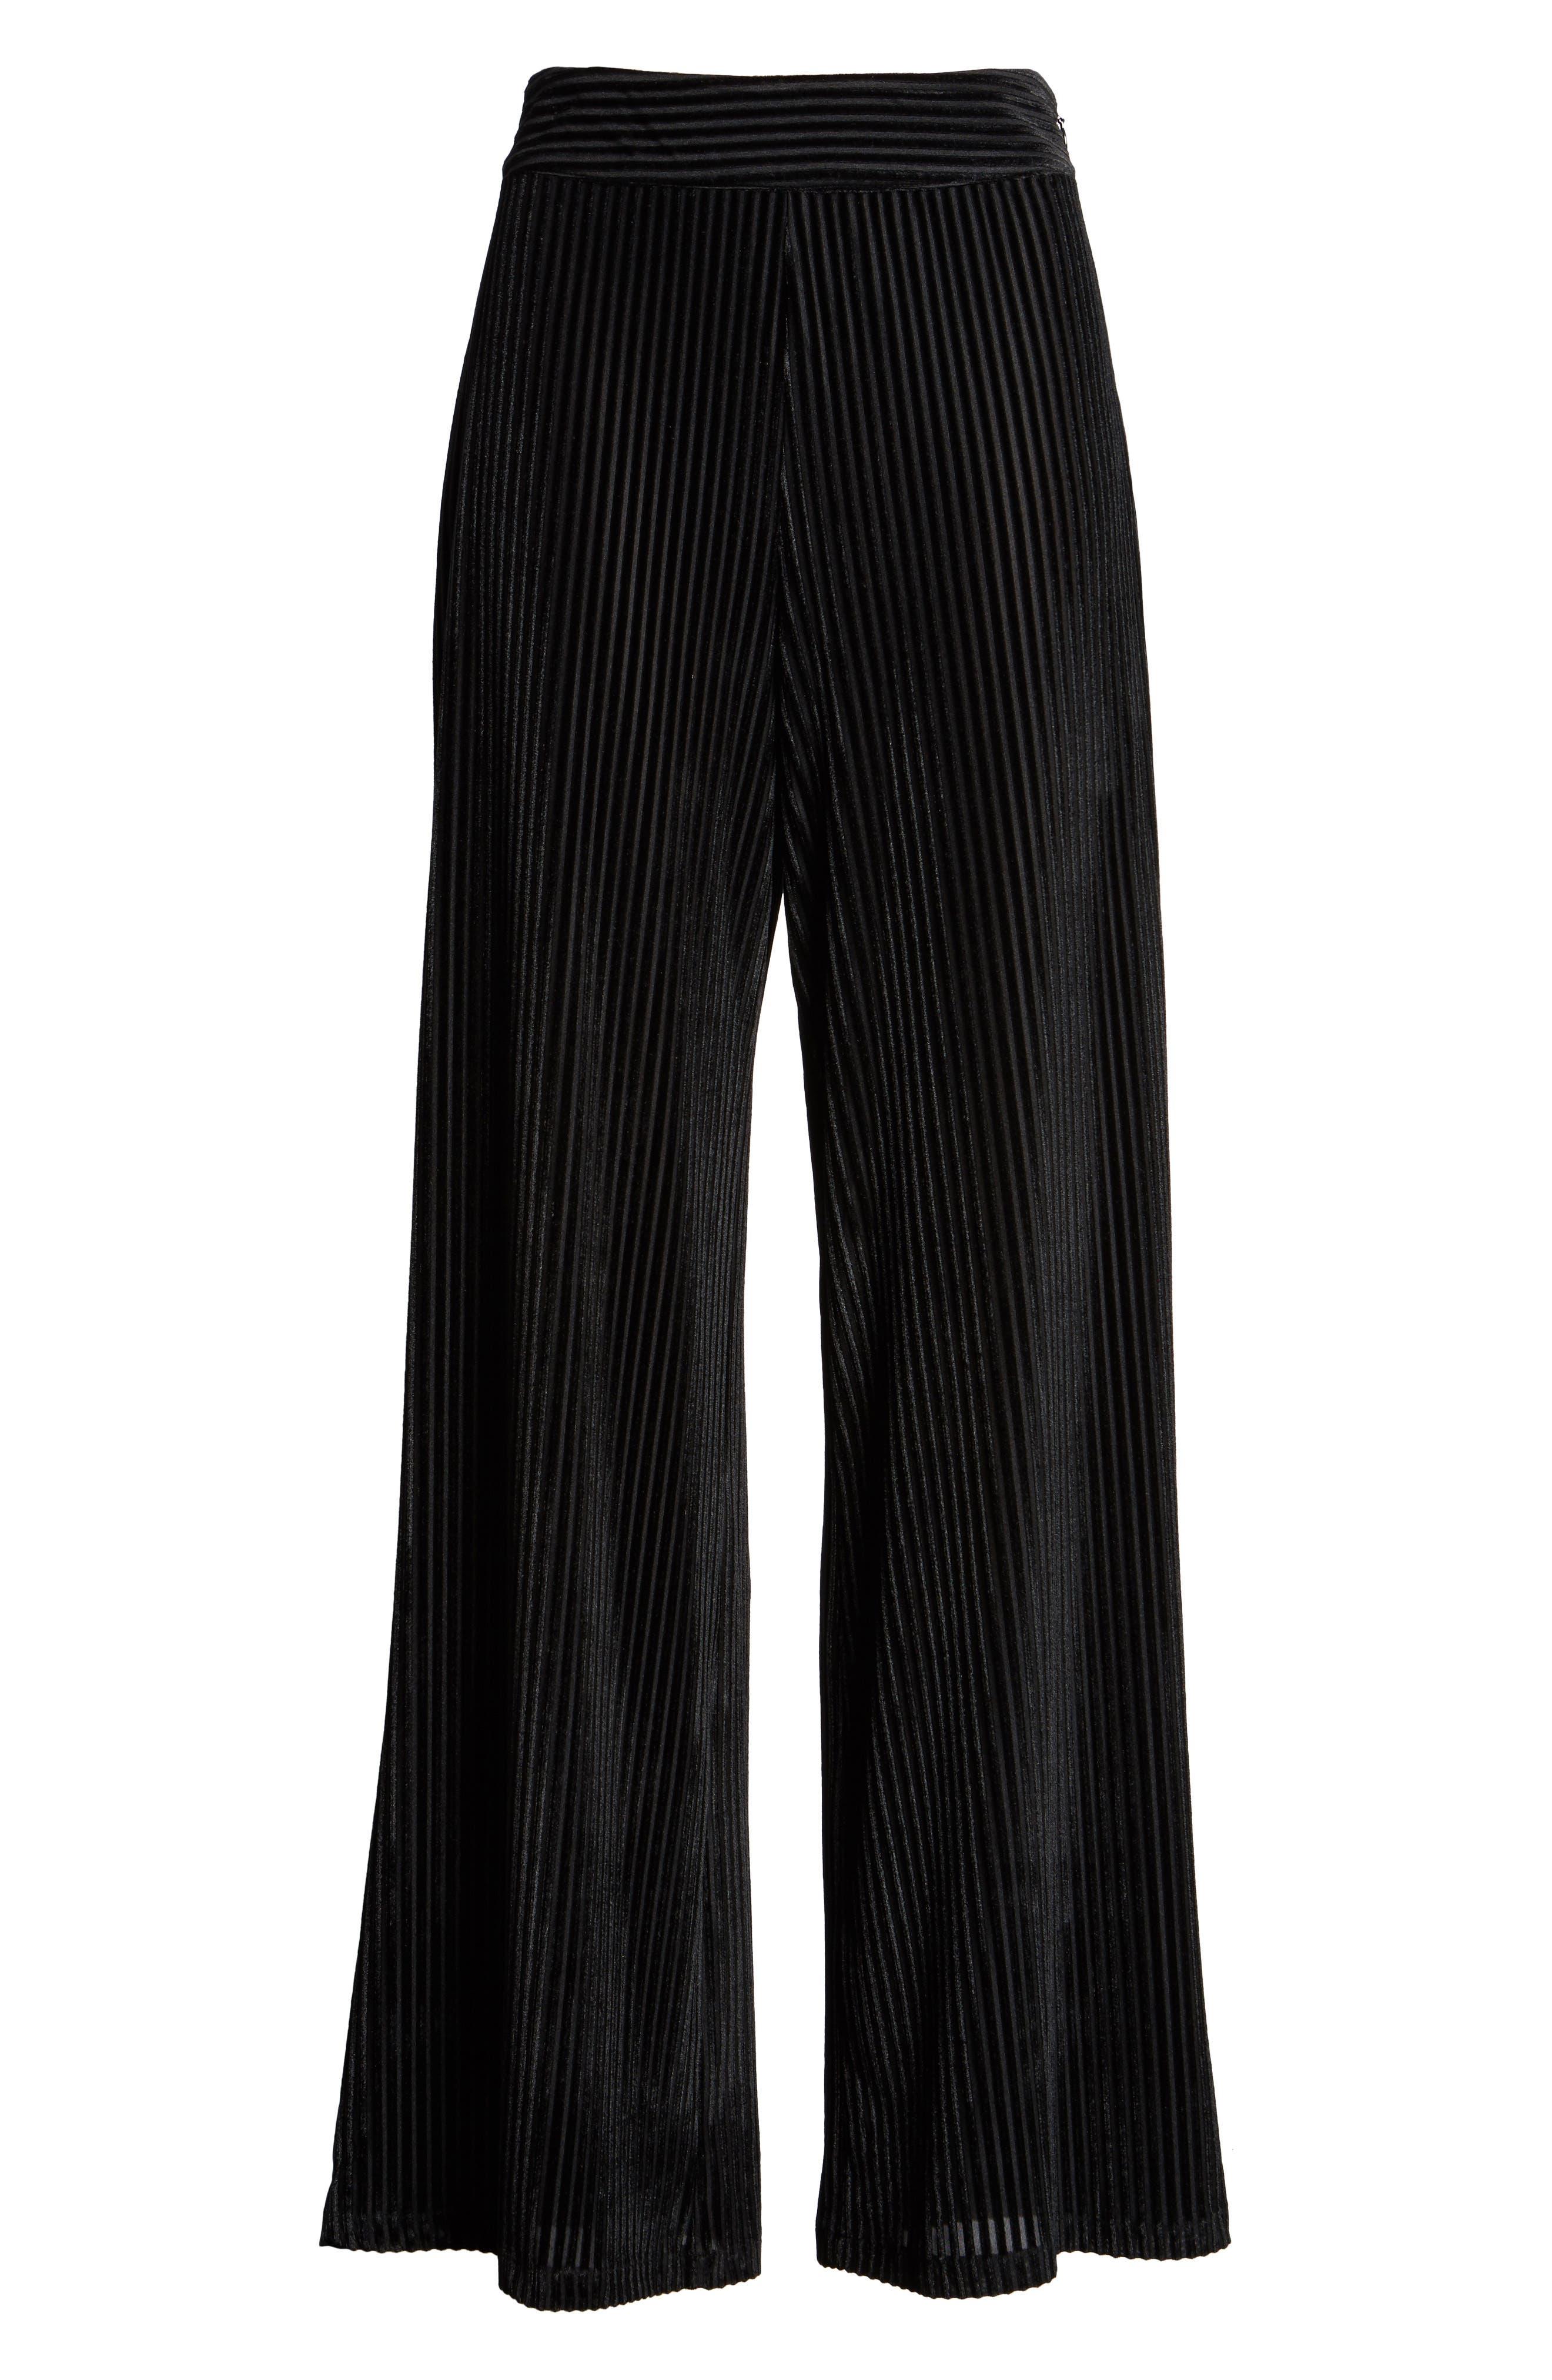 Marley Velvet Pants,                             Alternate thumbnail 6, color,                             001